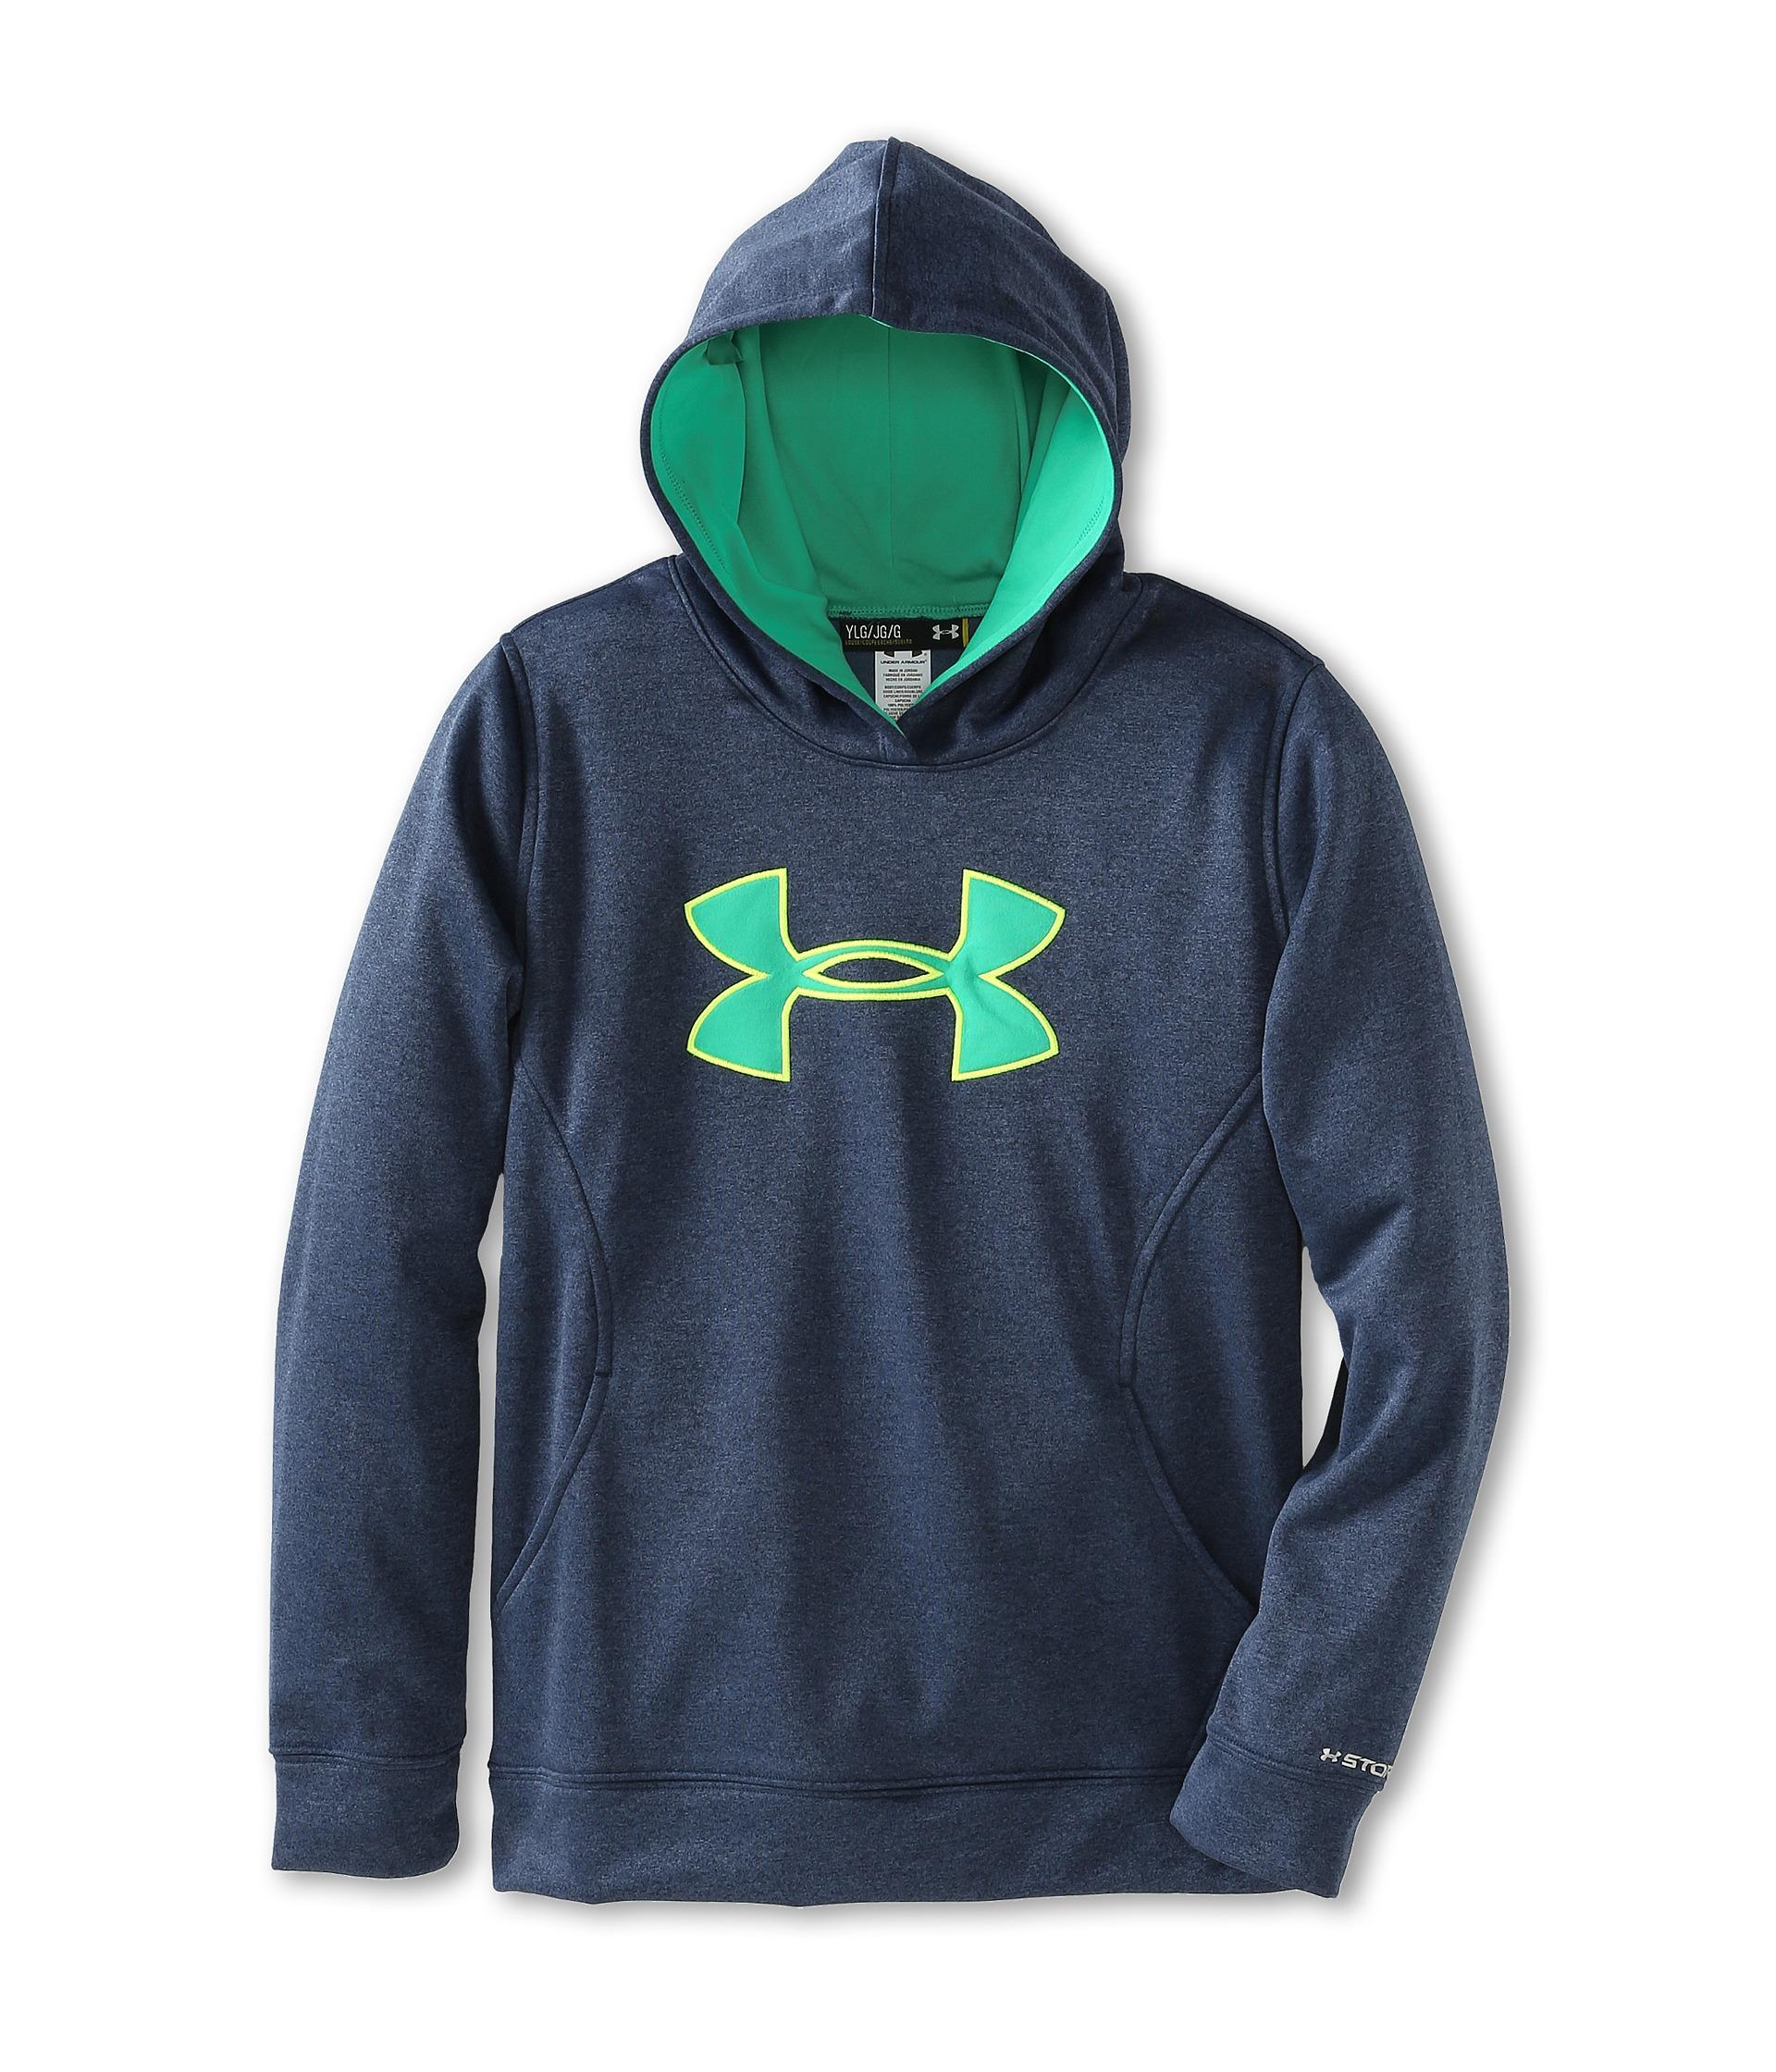 Under armour kids hoodie